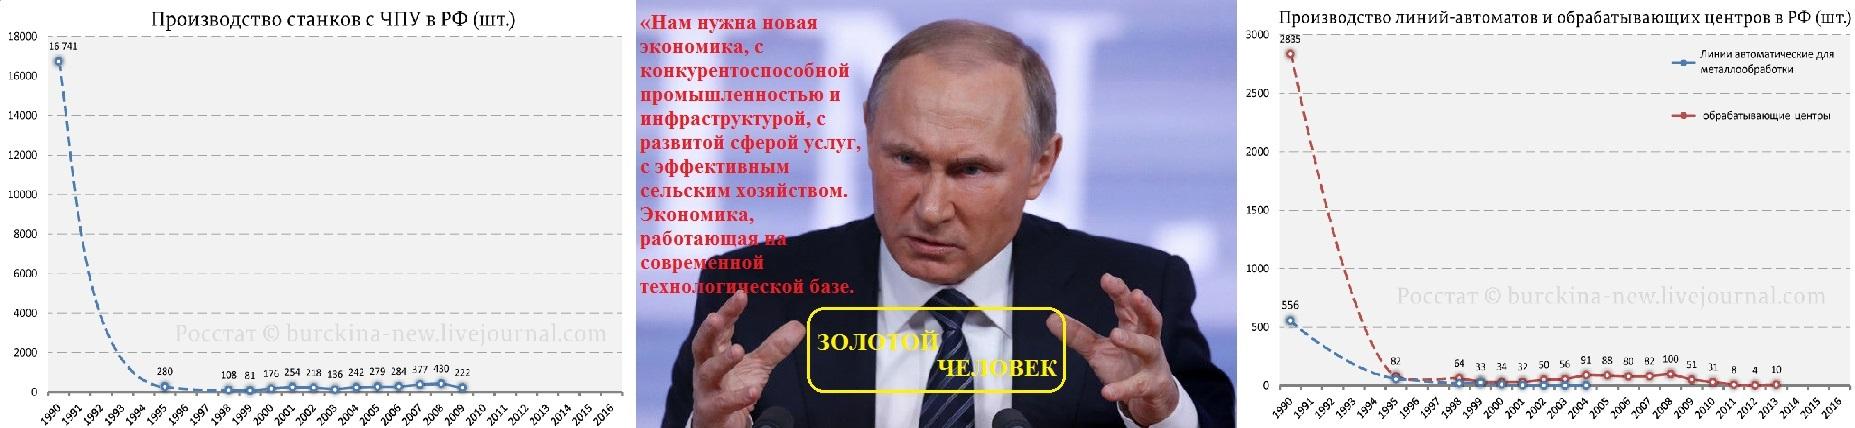 Putin-hotel-zahvatit-pol-Ukrainy-a-ostalnoe-razdat-sosedyam1 — копия.jpg